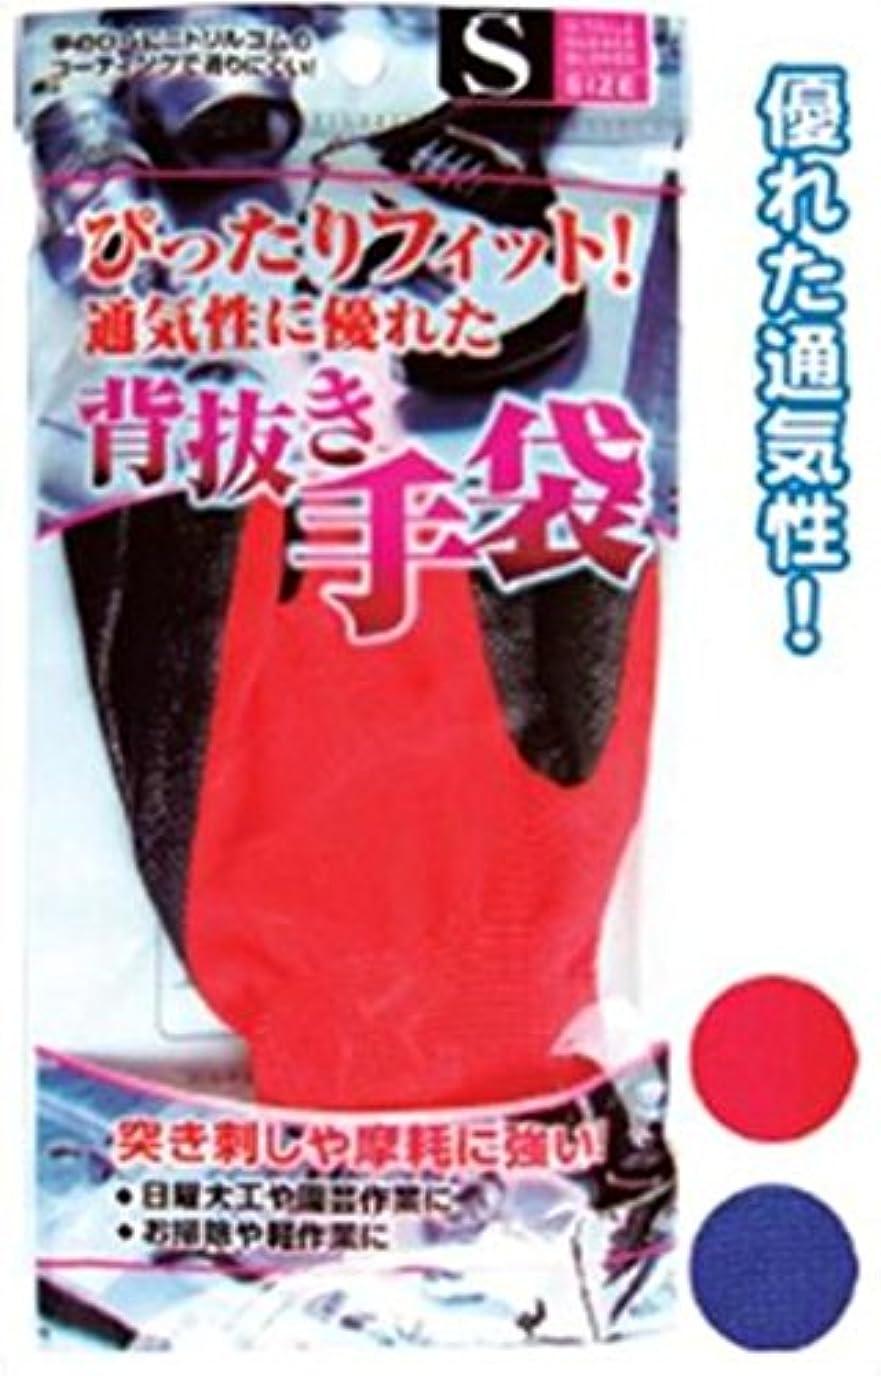 文明虫を数える裏切りぴったりFit滑りにくいニトリルゴム背抜手袋(S) 45-663 【まとめ買い12個セット】